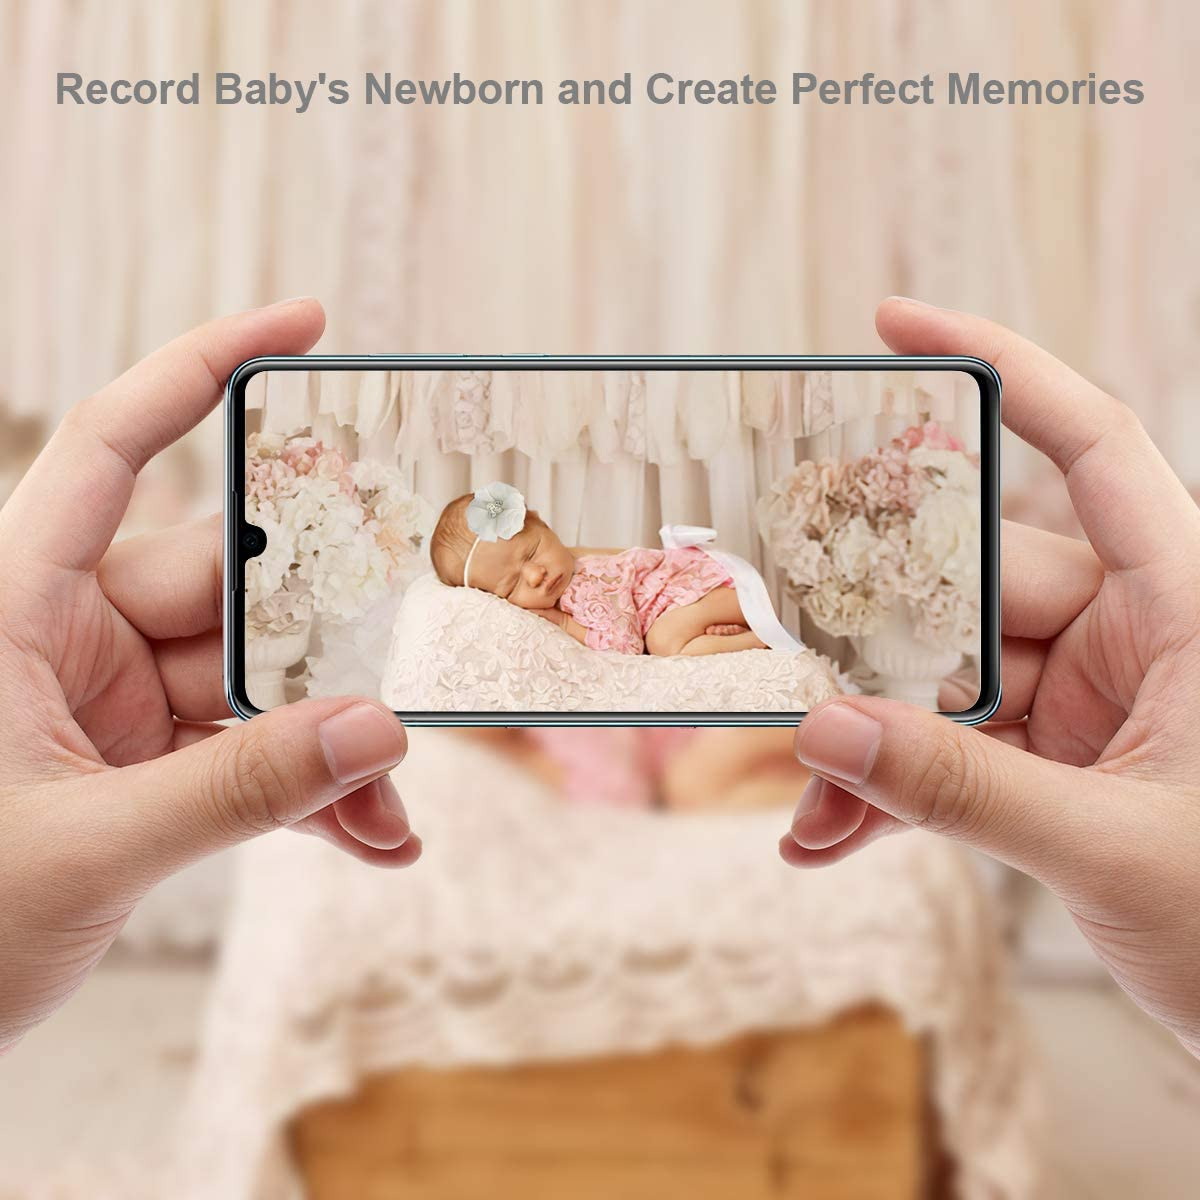 2 Pcs//Ensemble Nouveau-N/é B/éb/é Fille Dentelle Photographie Accessoires Accessoires Barboteuse Bandeau Tenues Baby Shower Photo Shoot V/êtements pour B/éb/é Rose Or